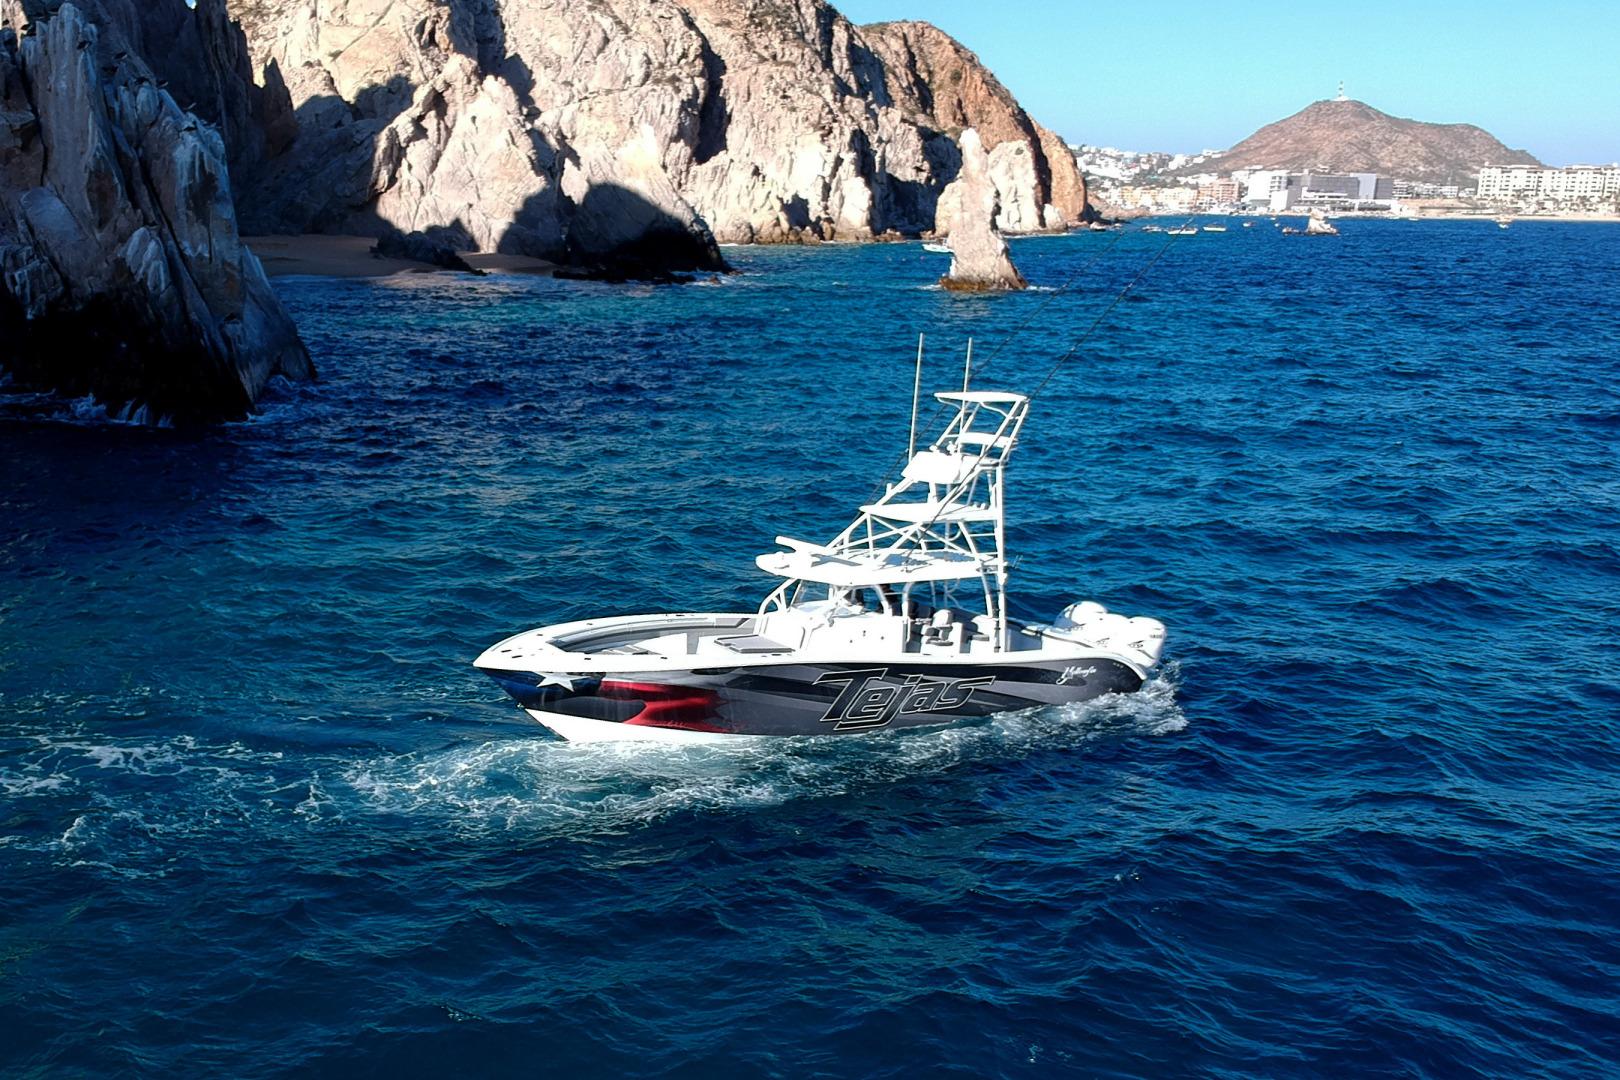 Yellowfin-42 Center Console 2015-Tejas Cabo San Lucas-Mexico-2015 Yellowfin 42 Center Console  Tejas -1573657 | Thumbnail